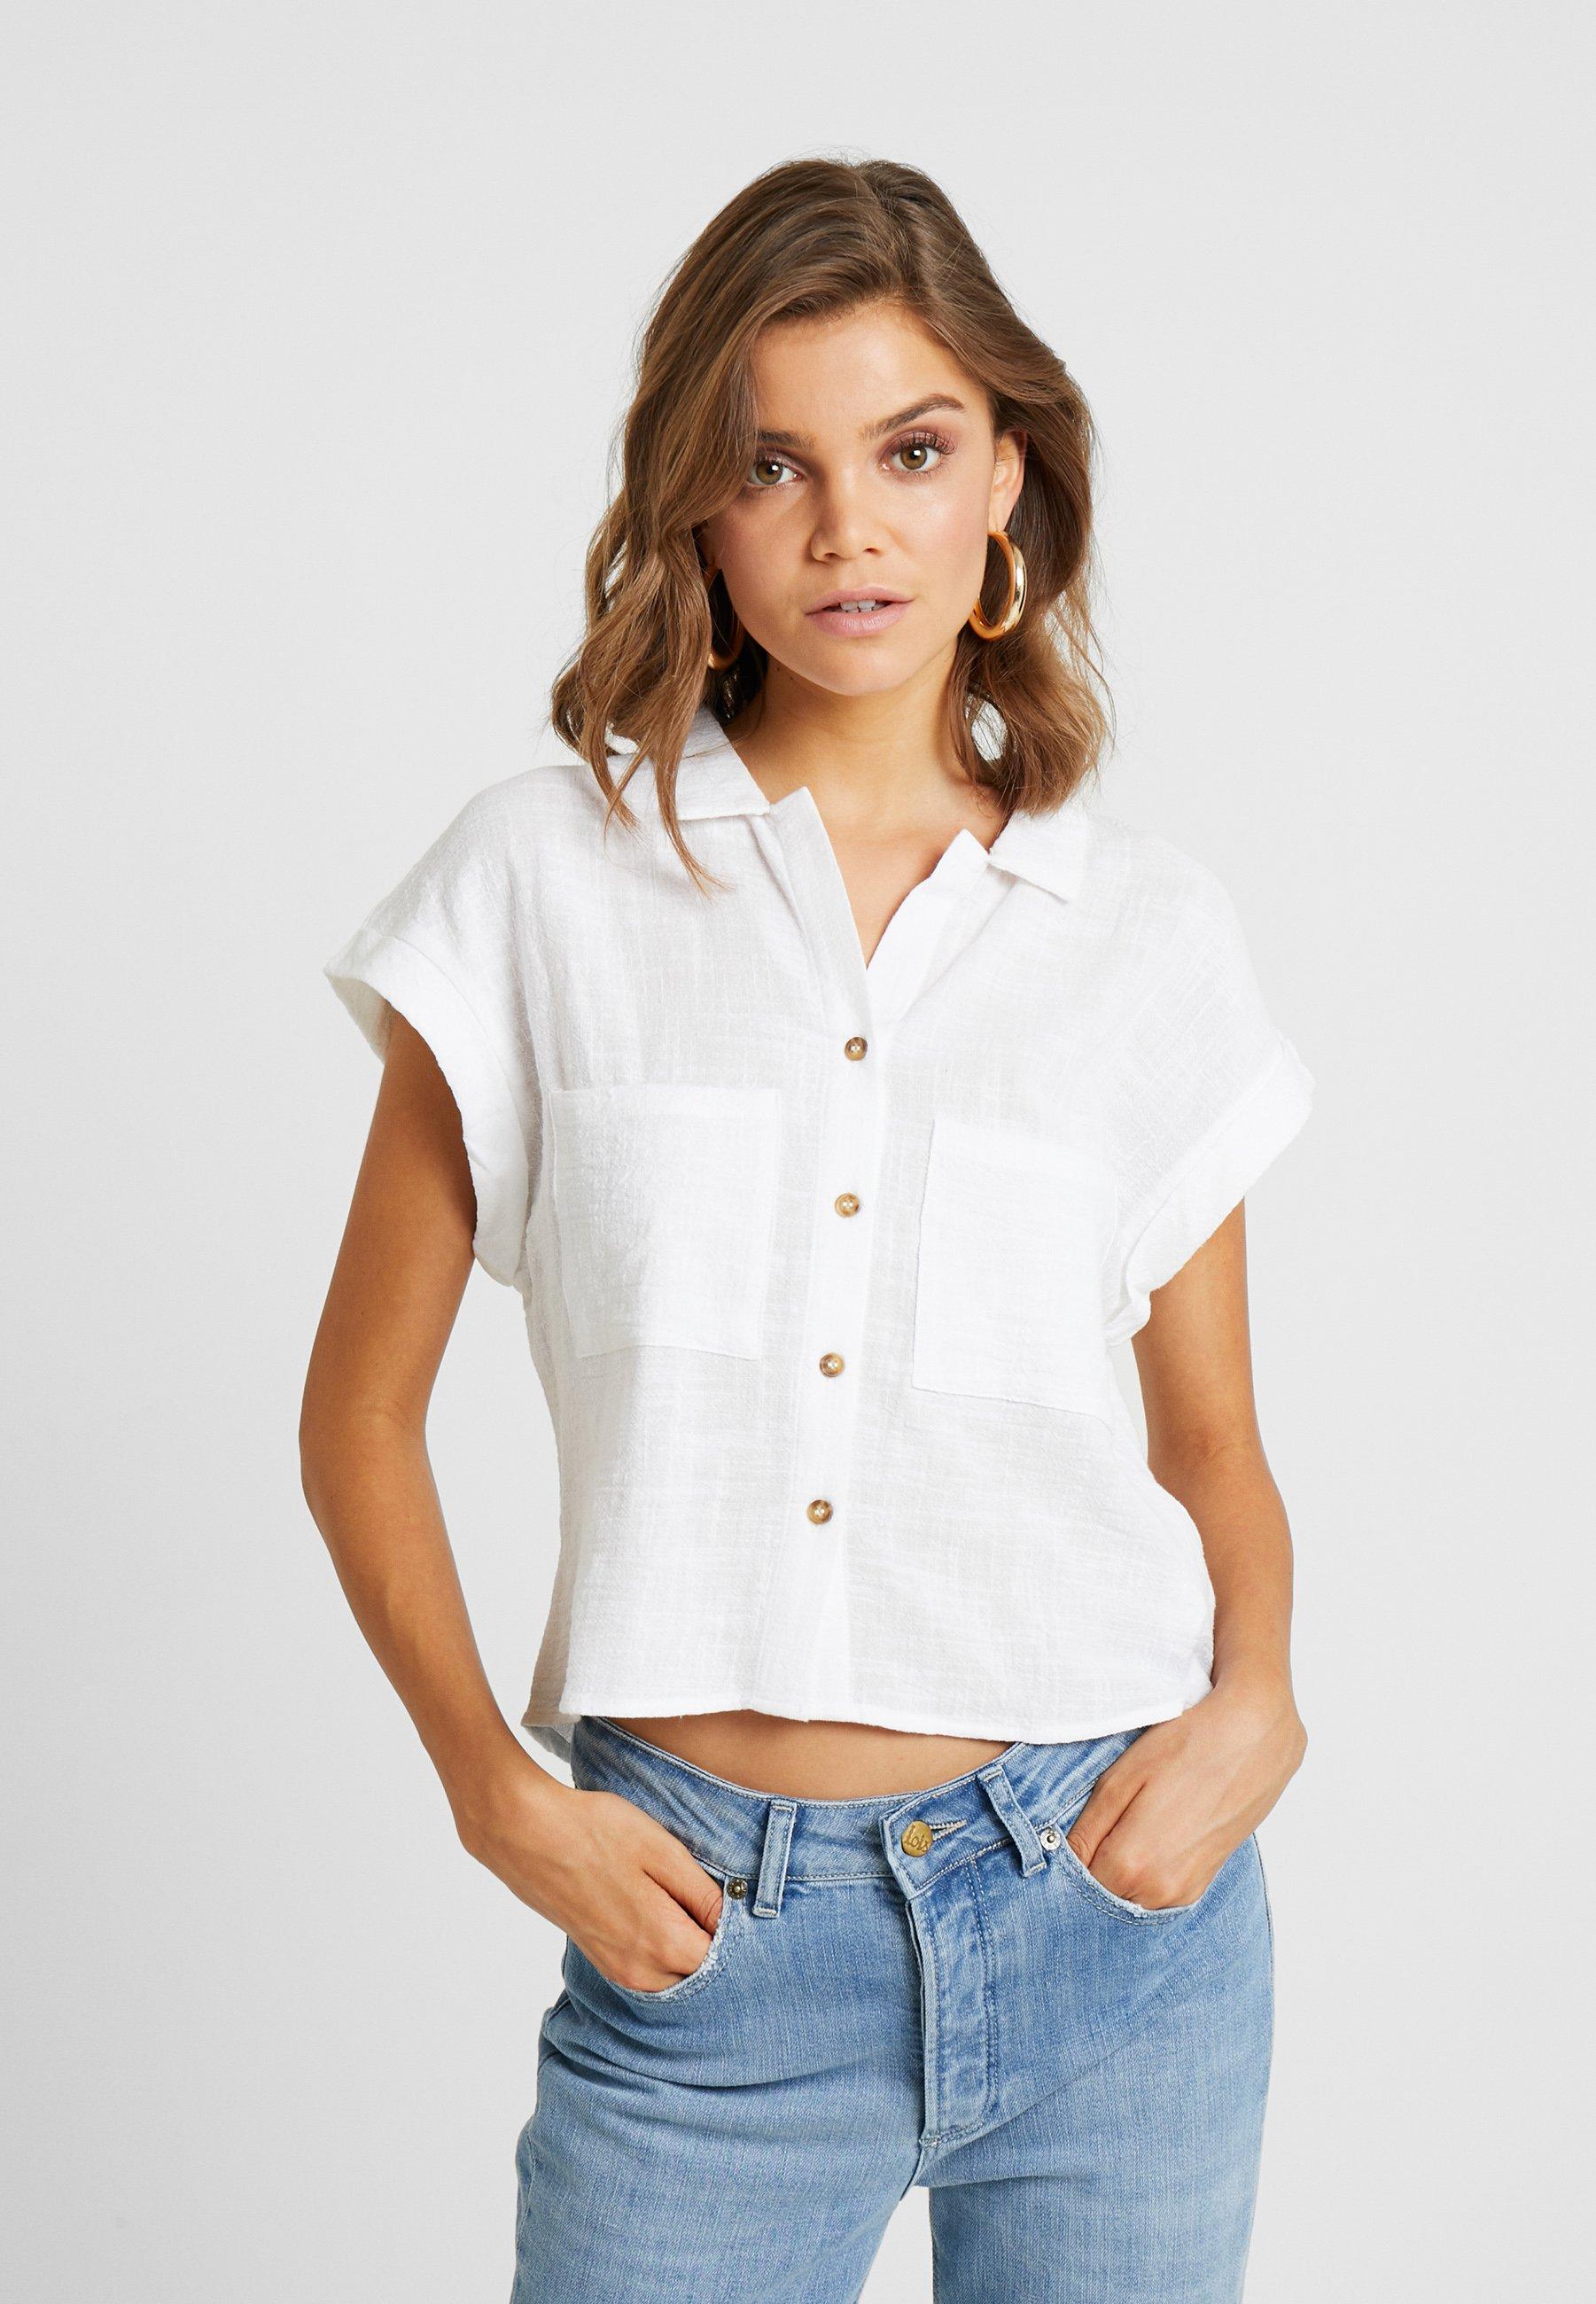 Texture Chopped Emily SleeveChemisier White Cotton Short On 5RL3Aj4